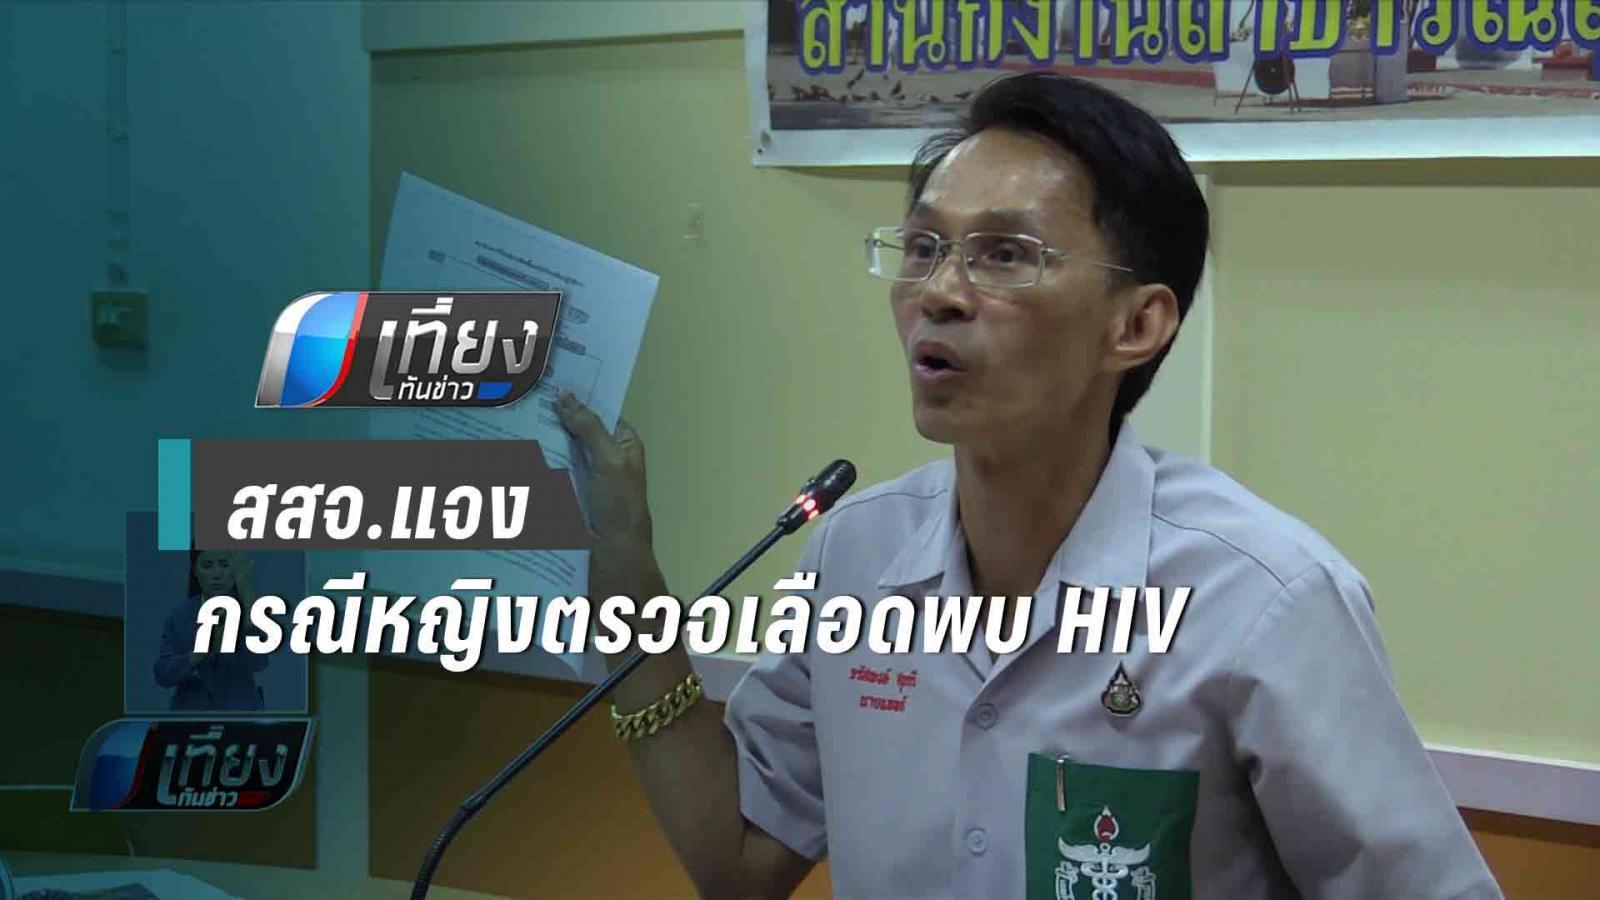 สสจ.นครศรีธรรมราชแจงกรณีหญิงตรวจเลือดพบ HIV